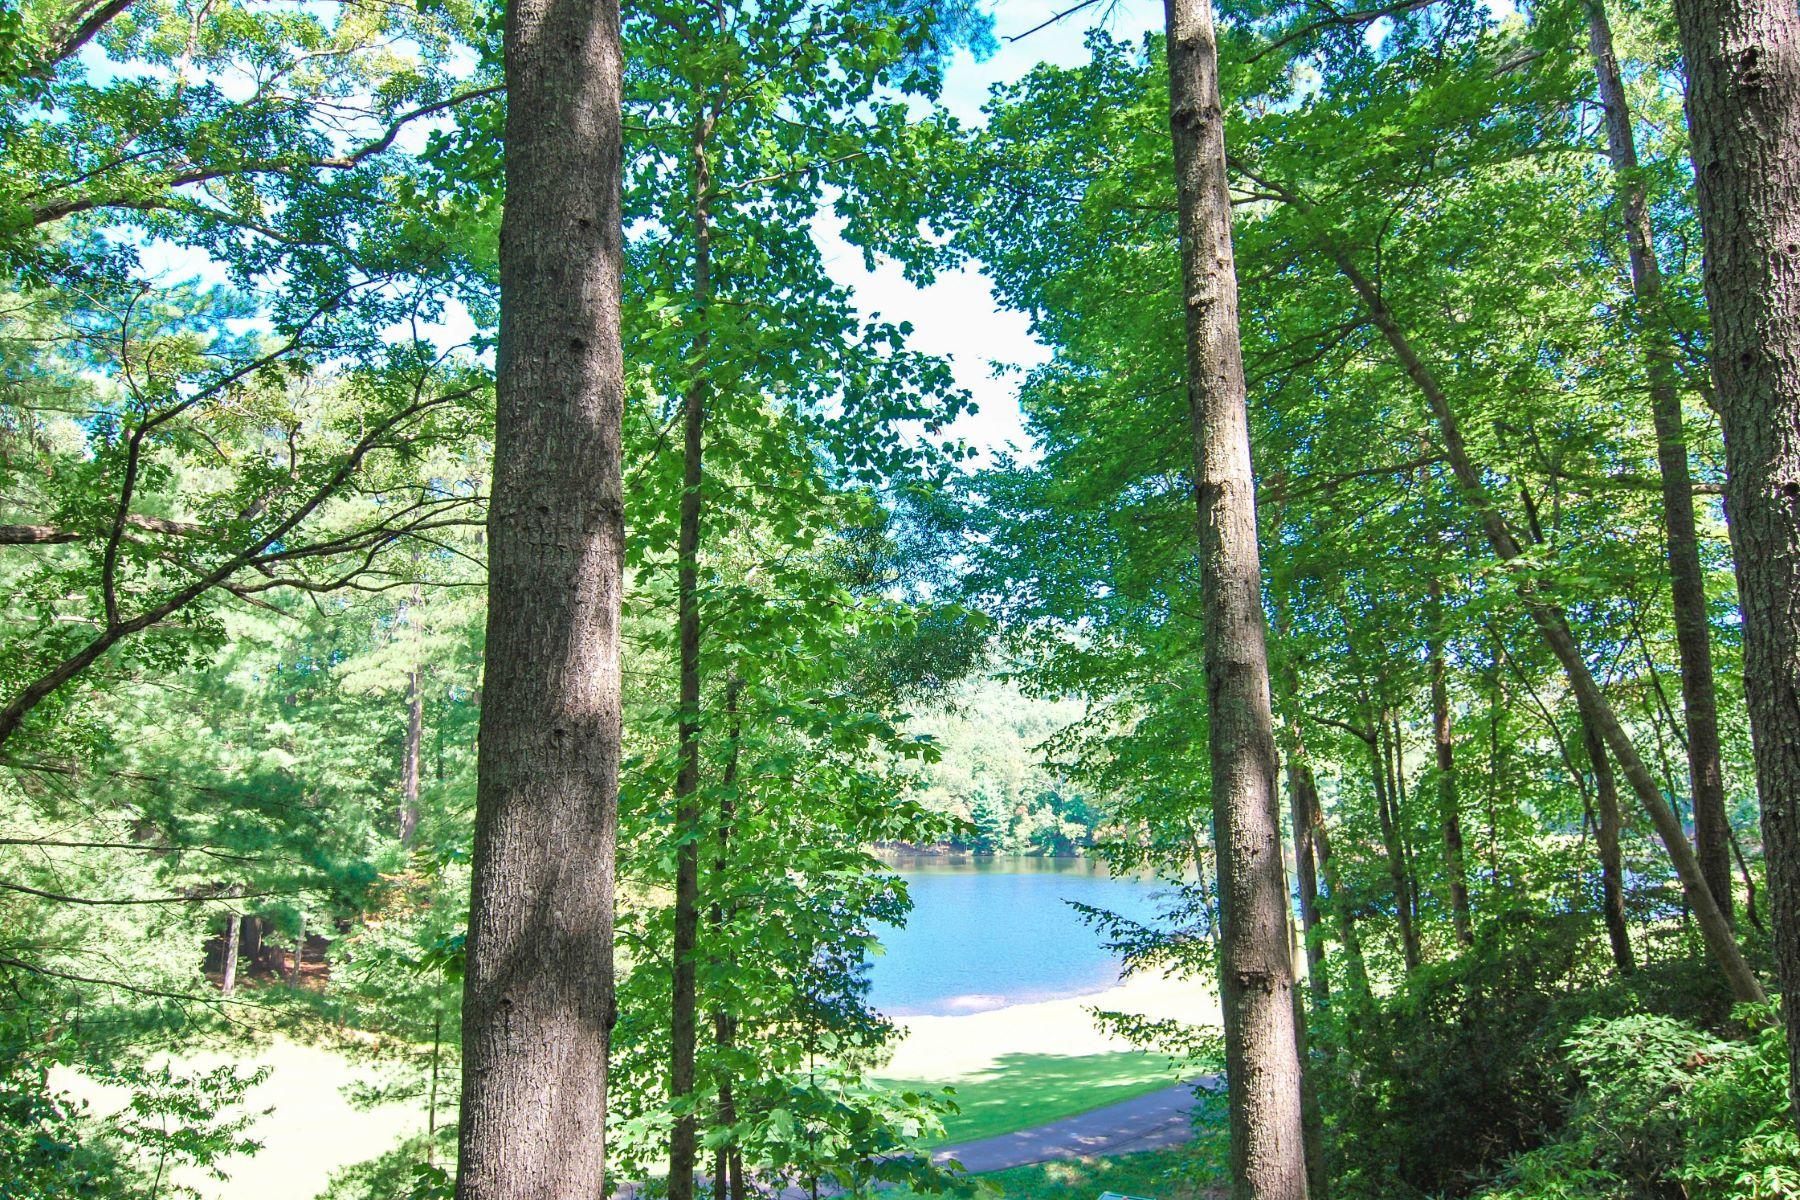 Casa Unifamiliar por un Venta en Outstanding Lakefront Cottage in Big Canoe 43 Clubhouse Drive Big Canoe, Georgia, 30143 Estados Unidos